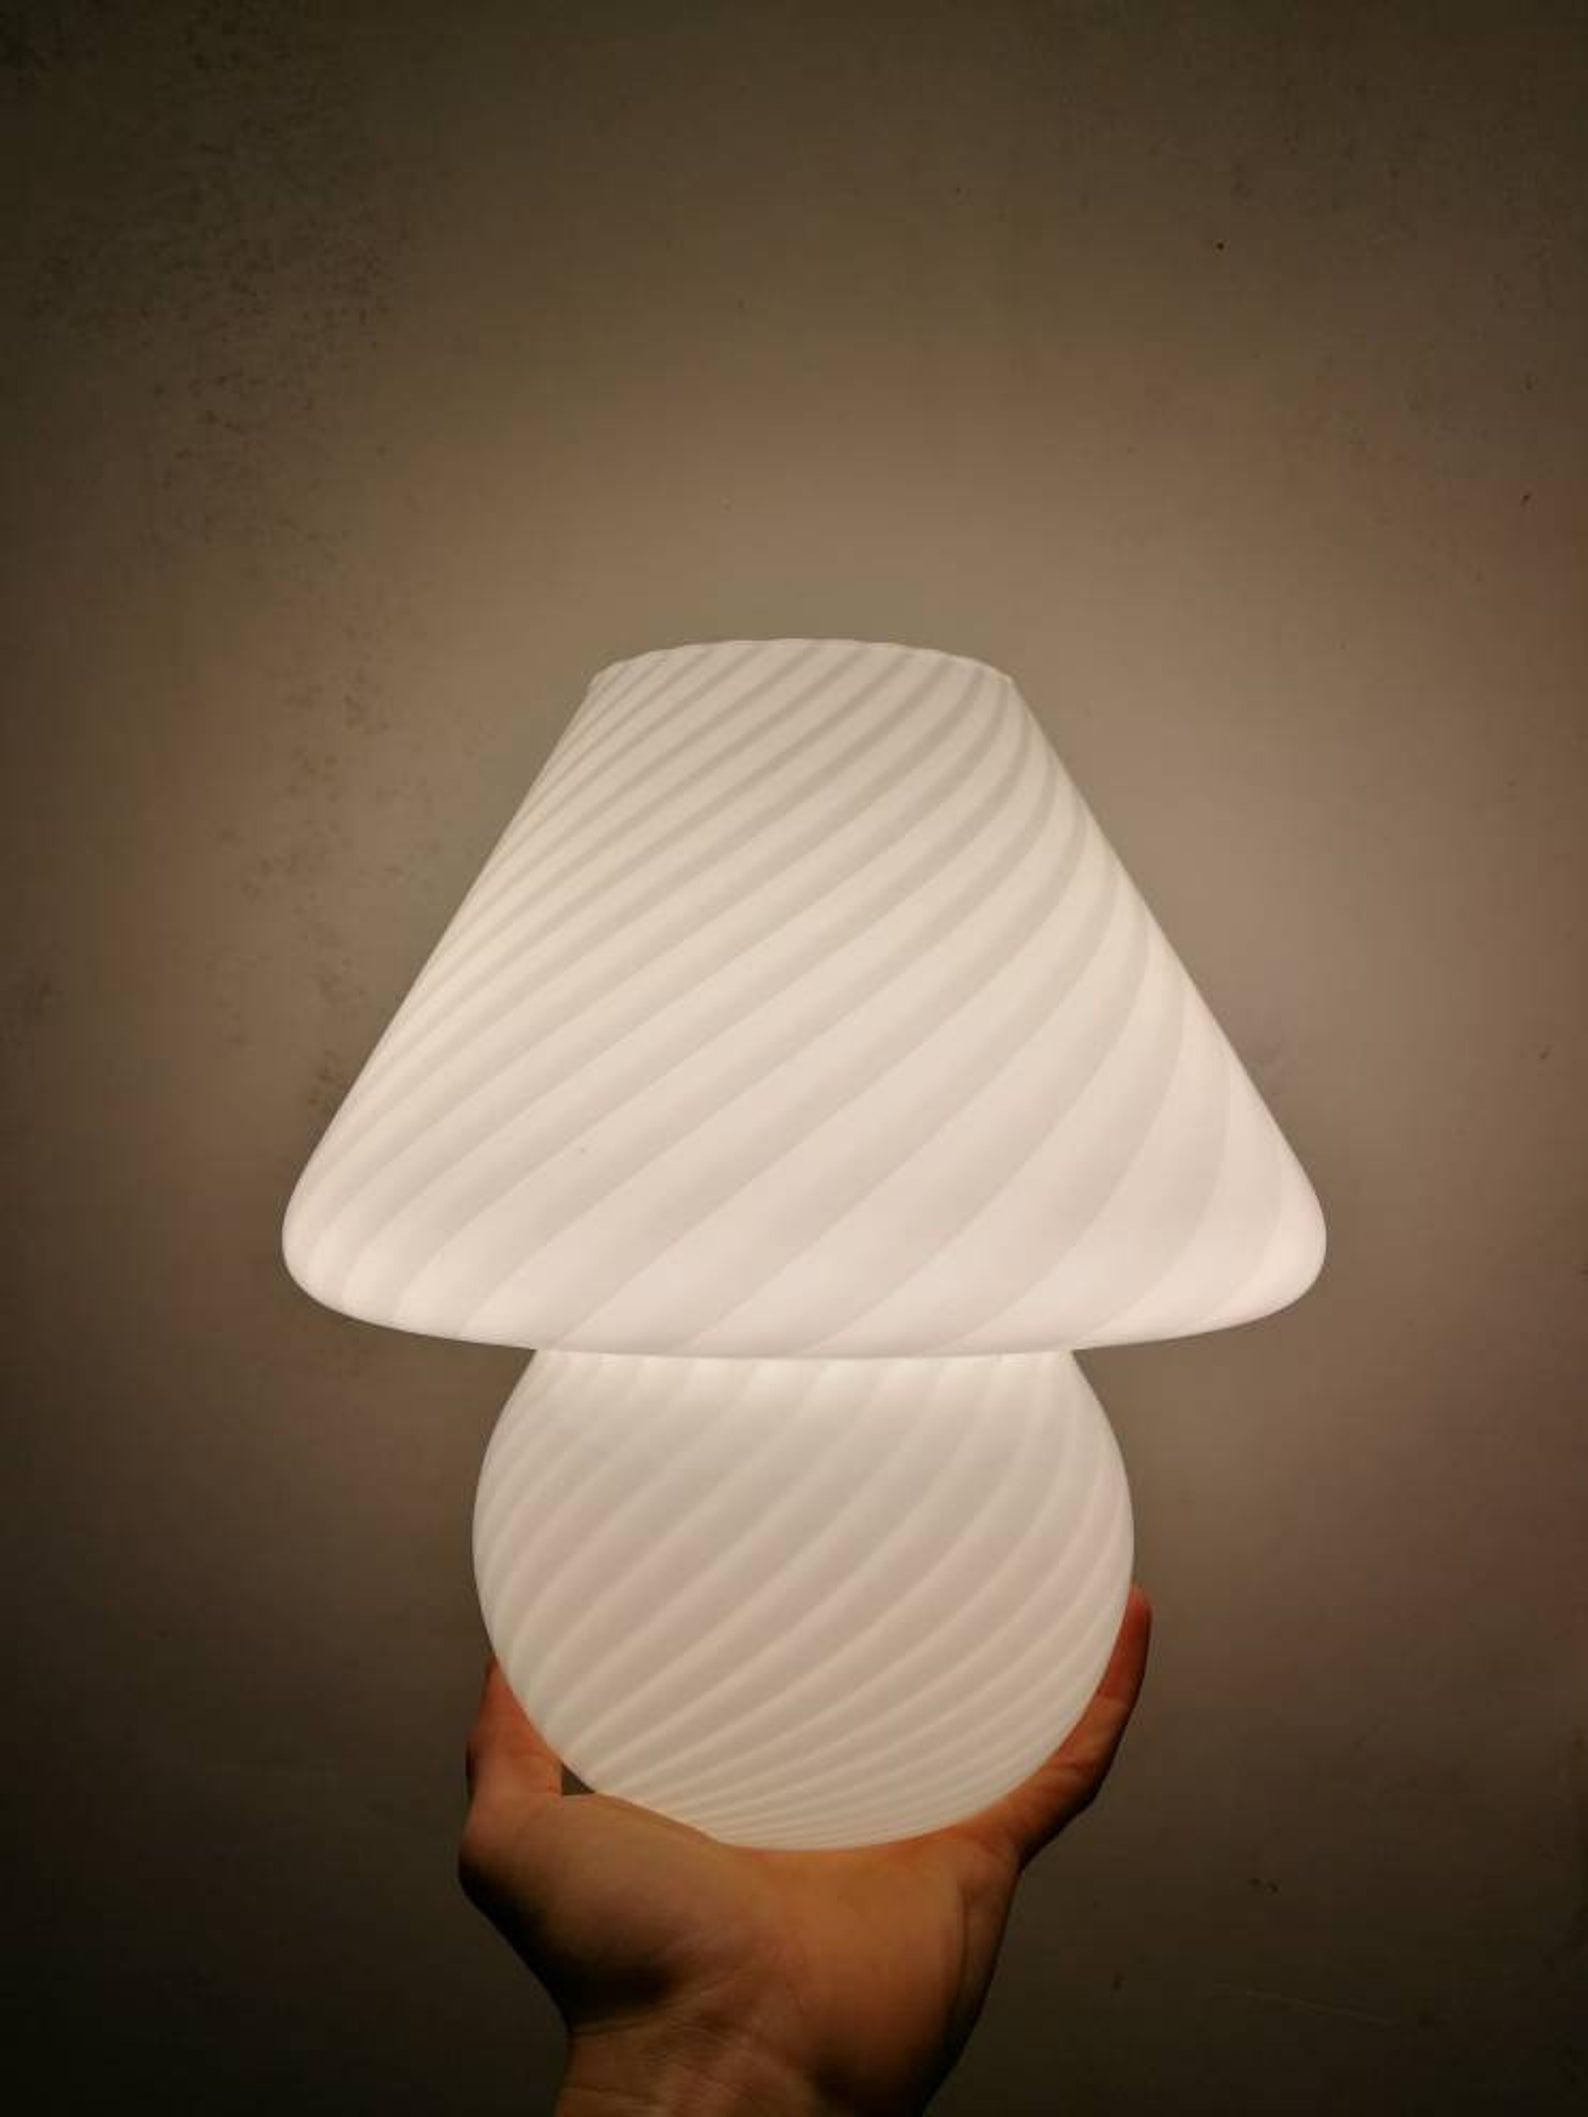 Lampada fungo murano abat jour mushroom lamp venini glass